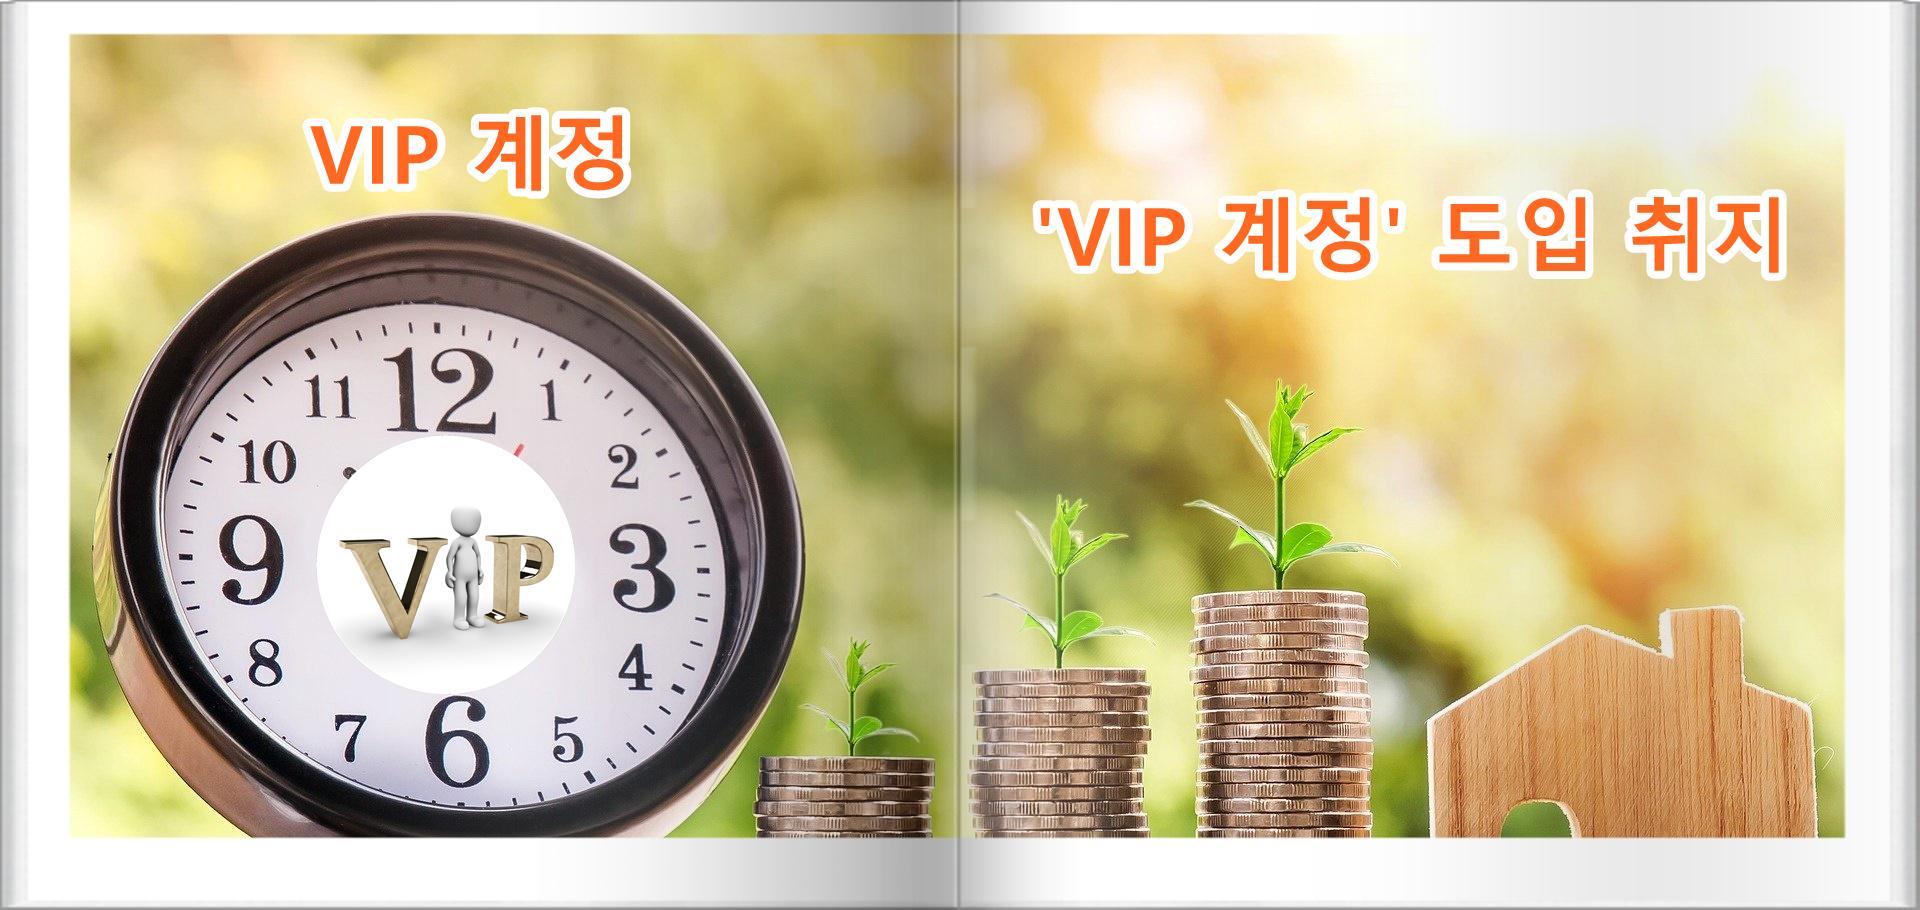 콕플레이(KOK-PLAY) 메뉴얼 5편 – VIP 계정插图1